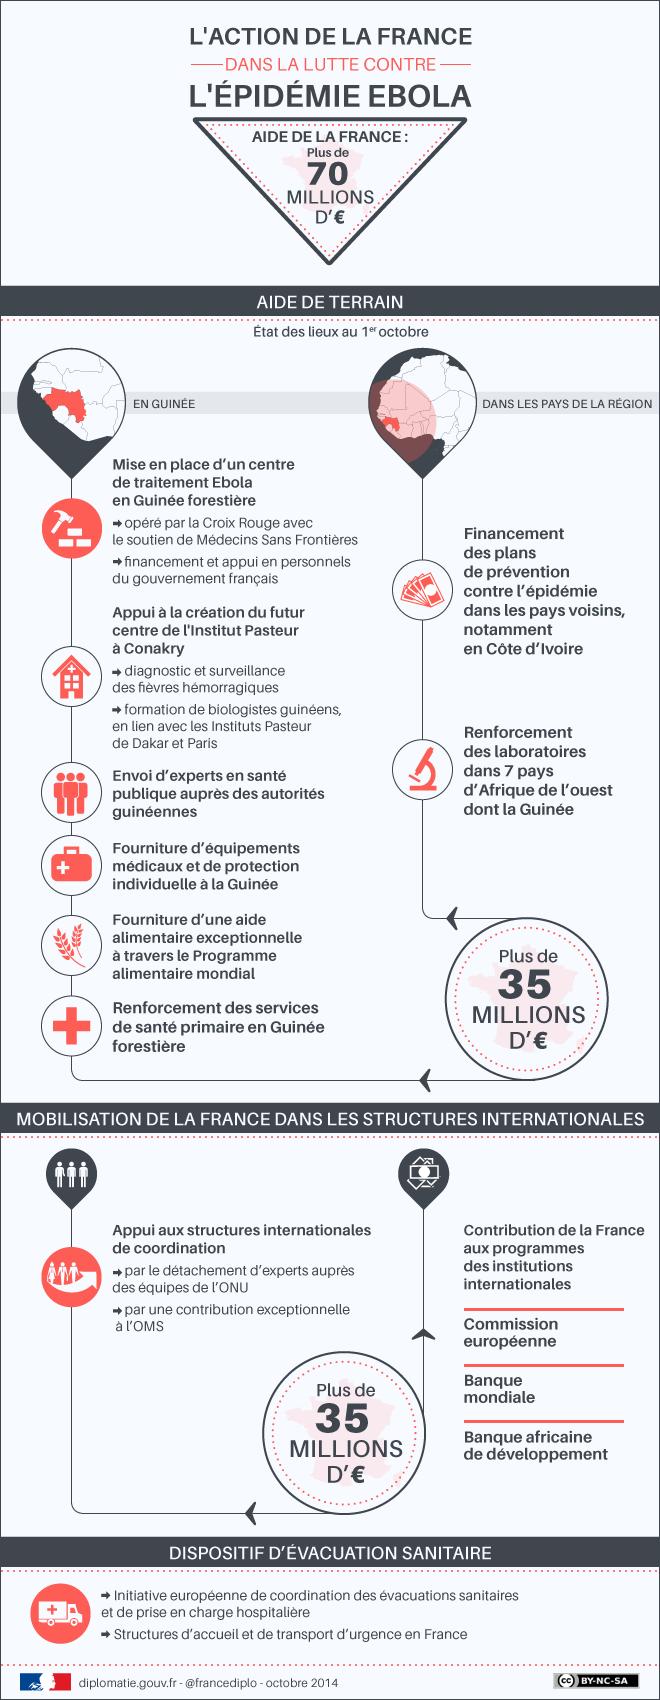 Fièvre Ébola - Afrique de l'Ouest - 2014  - Page 6 Infogr10